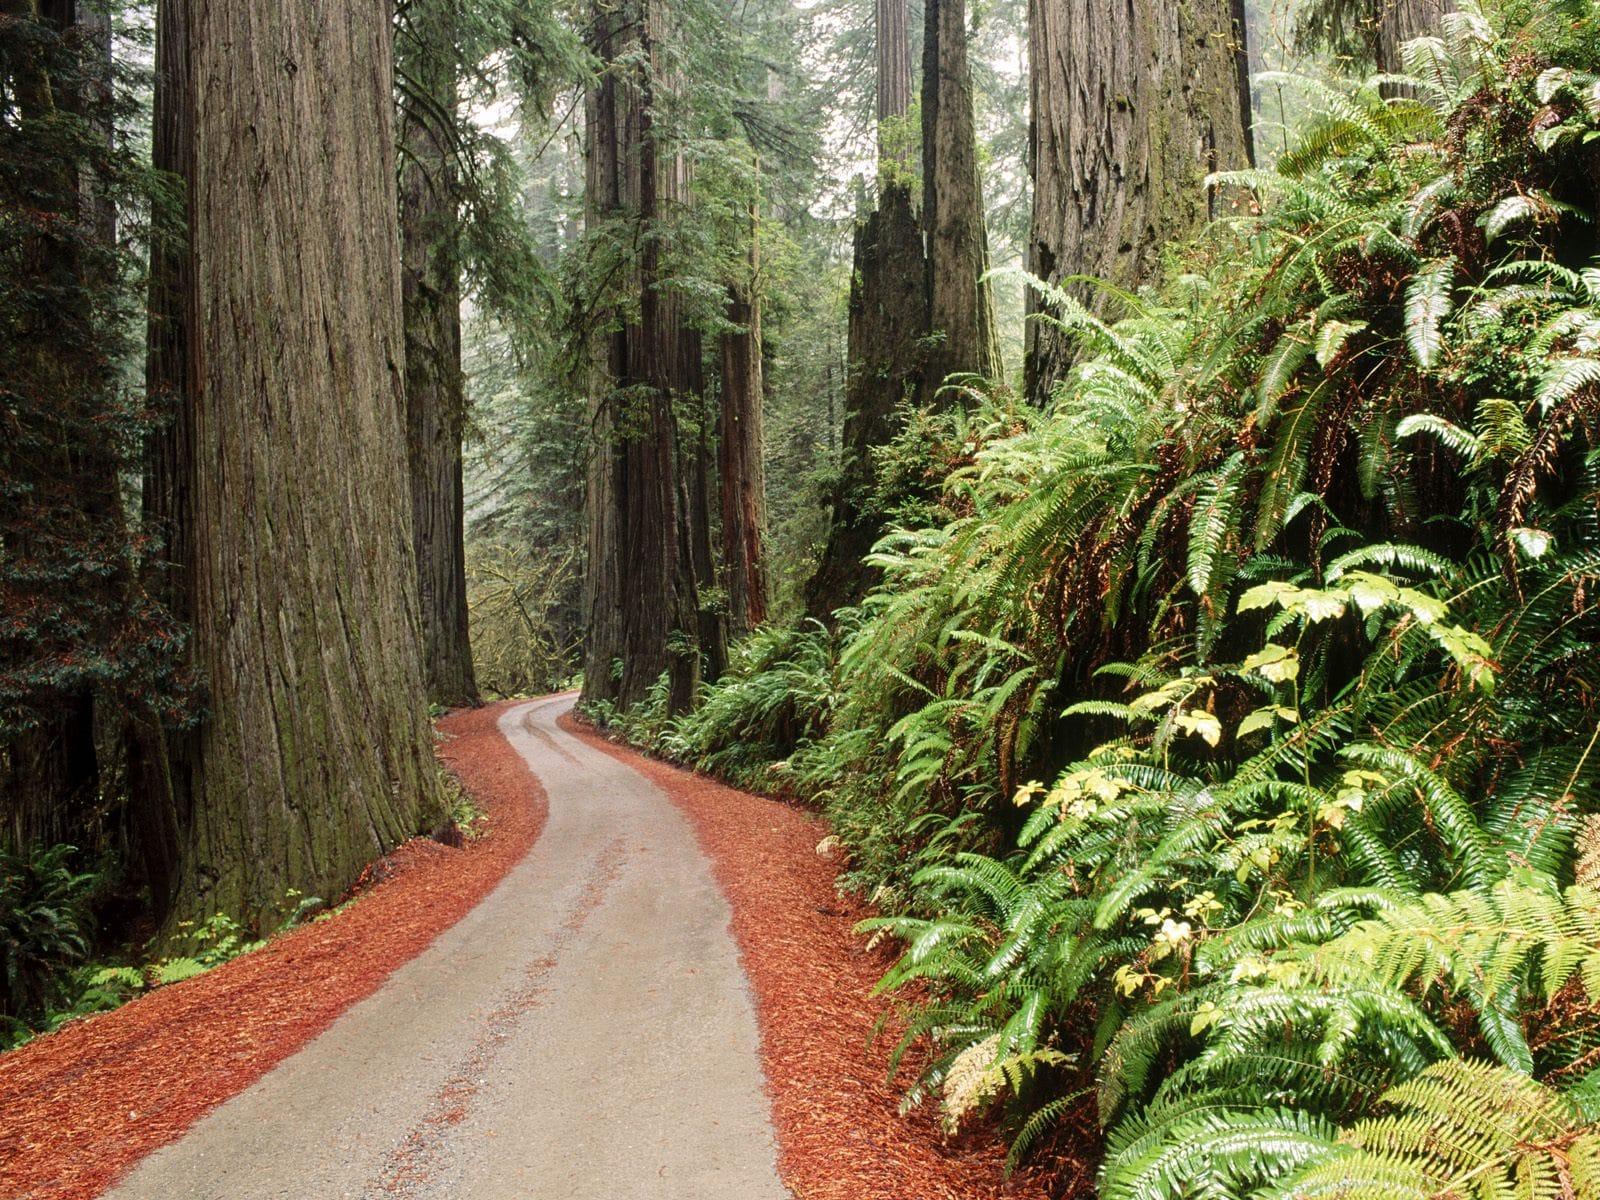 Potecile înguste din Parcul Naţional Redwood sunt perfecte pentru a fi explorate